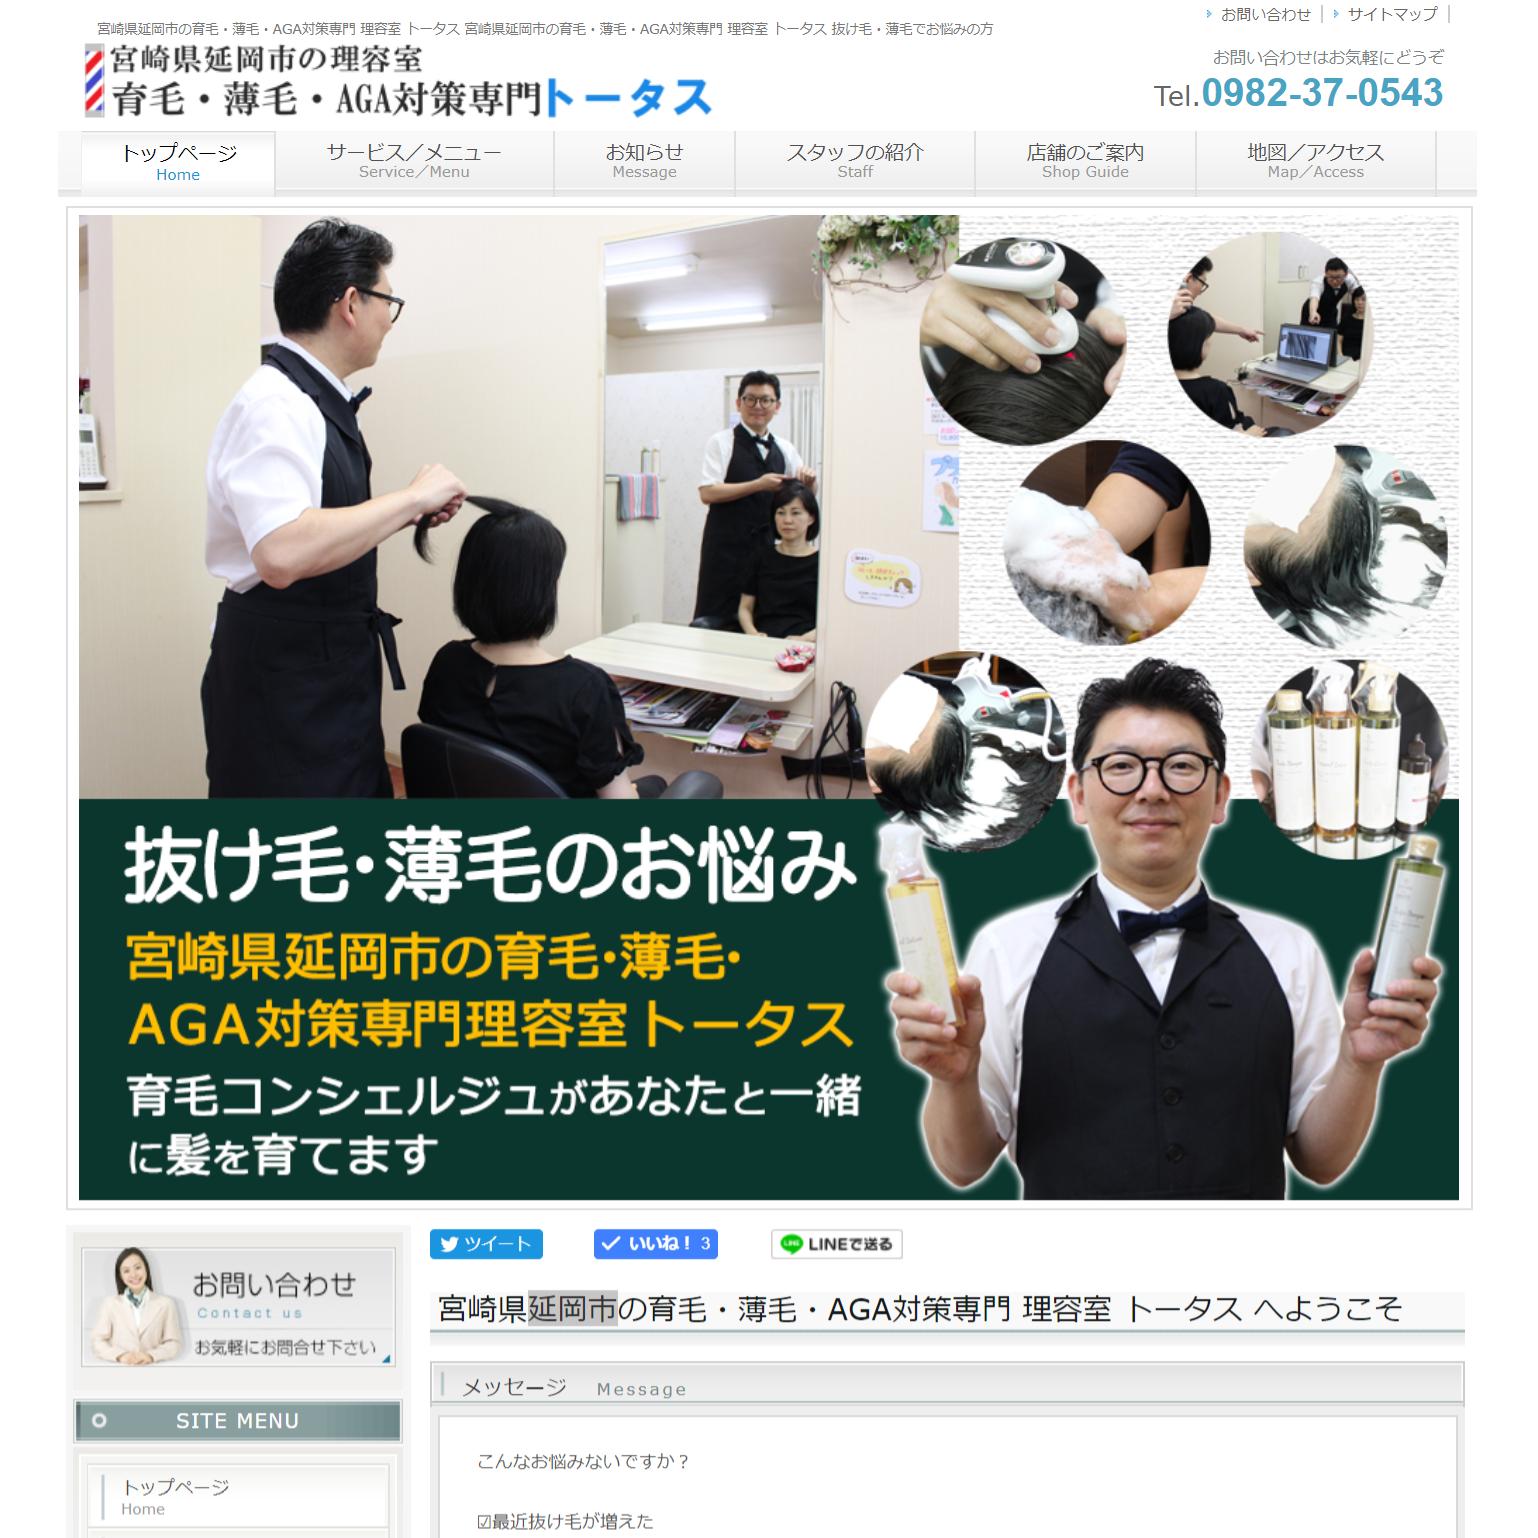 宮崎県延岡市の育毛・薄毛・AGA対策専門 理容室 トータスさん